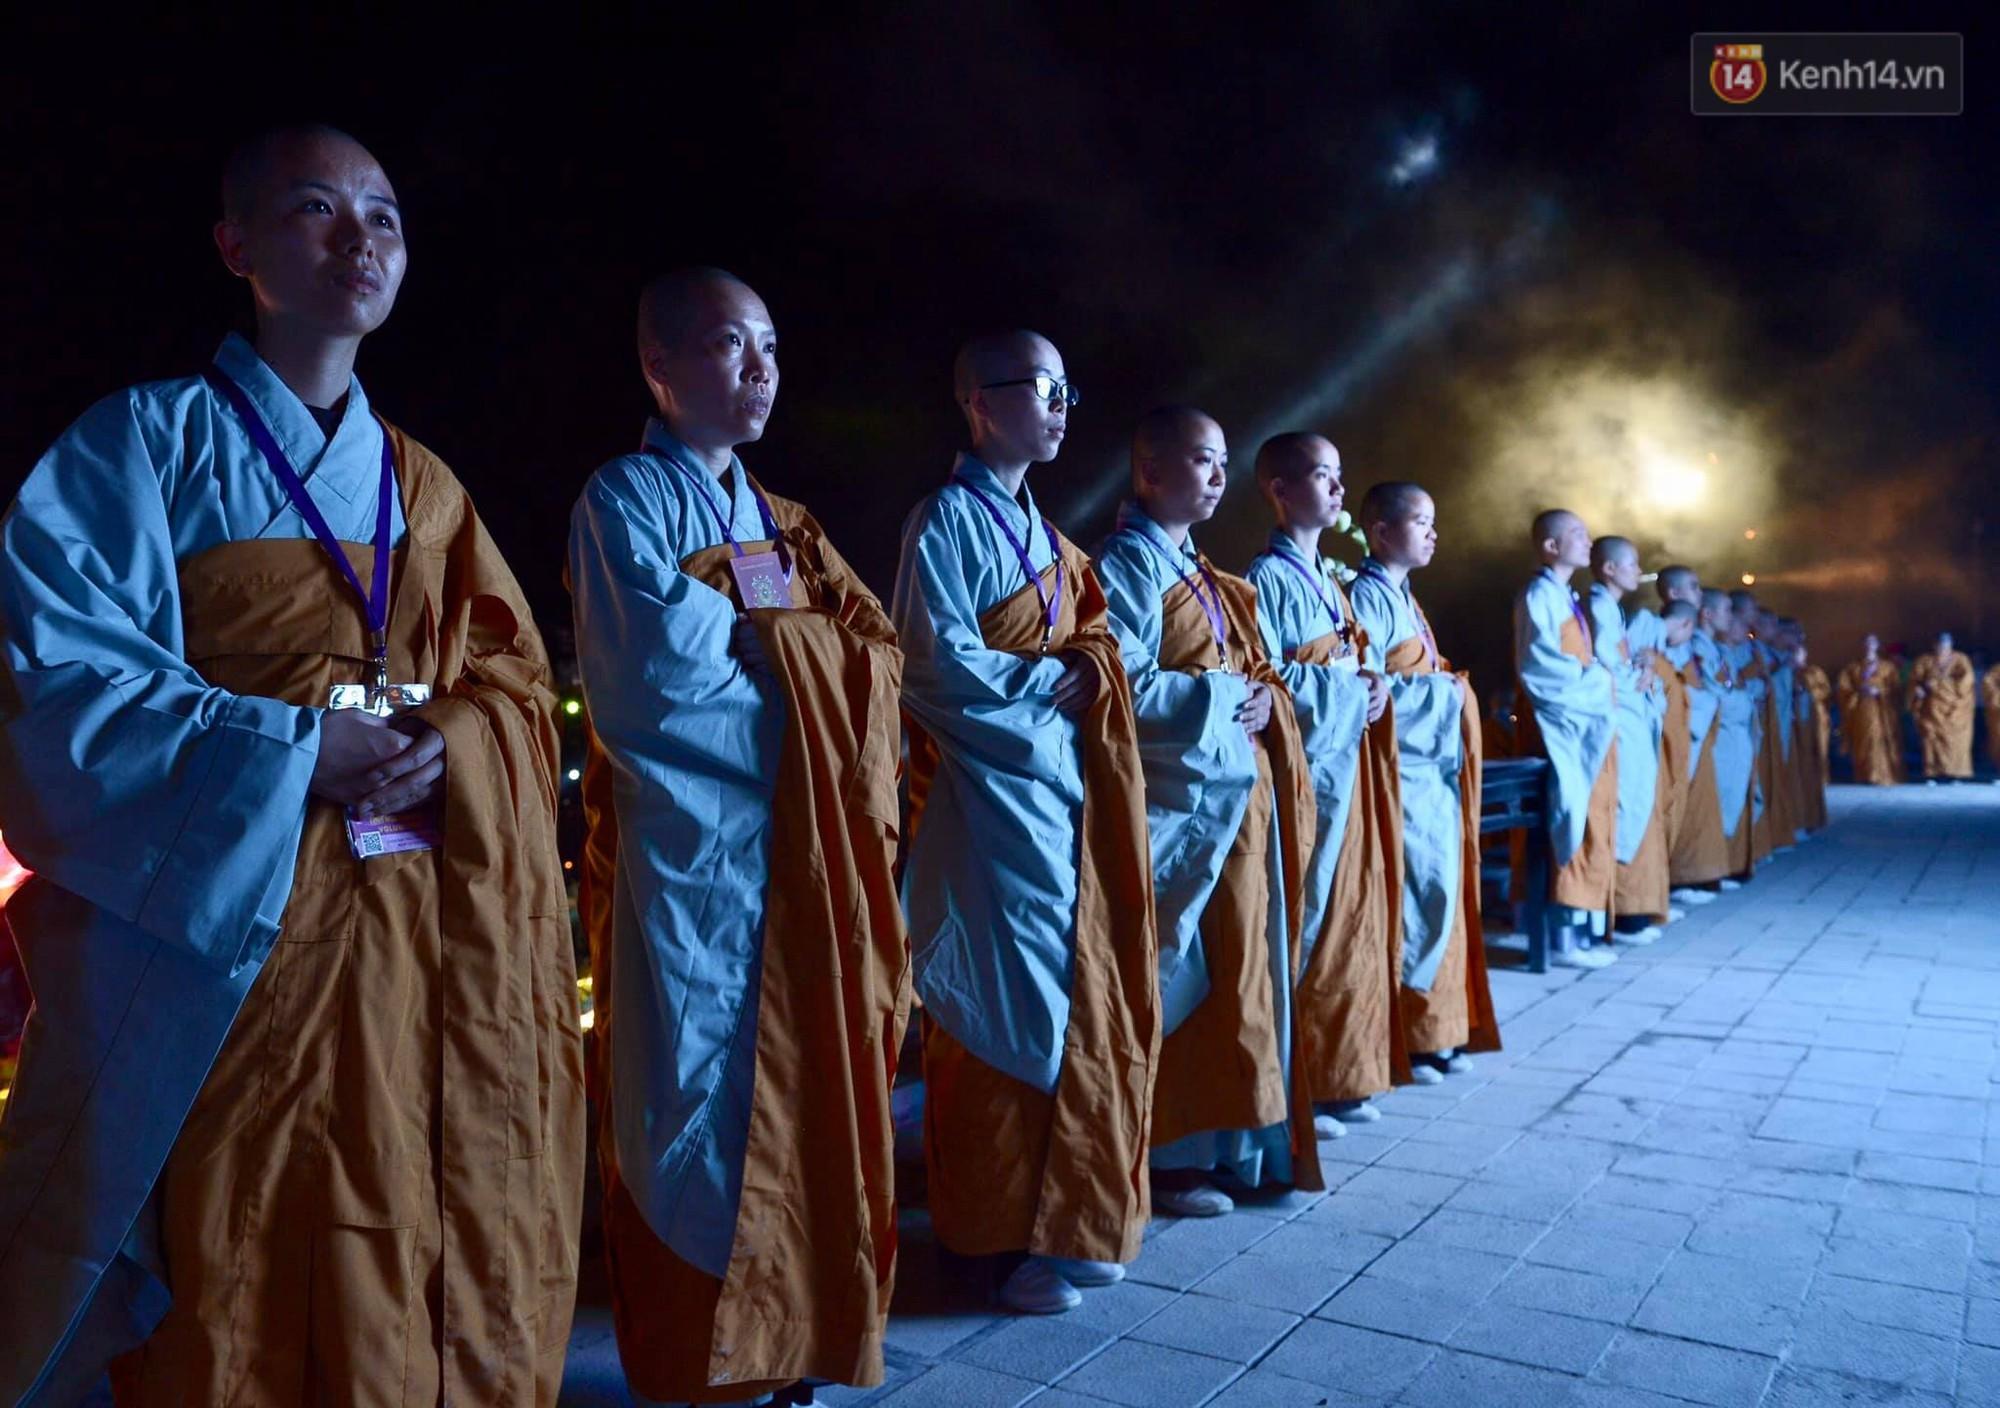 Hàng vạn người tham gia buổi lễ cầu nguyện hoà bình và hoa đăng tại chùa Tam Chúc - Ảnh 7.